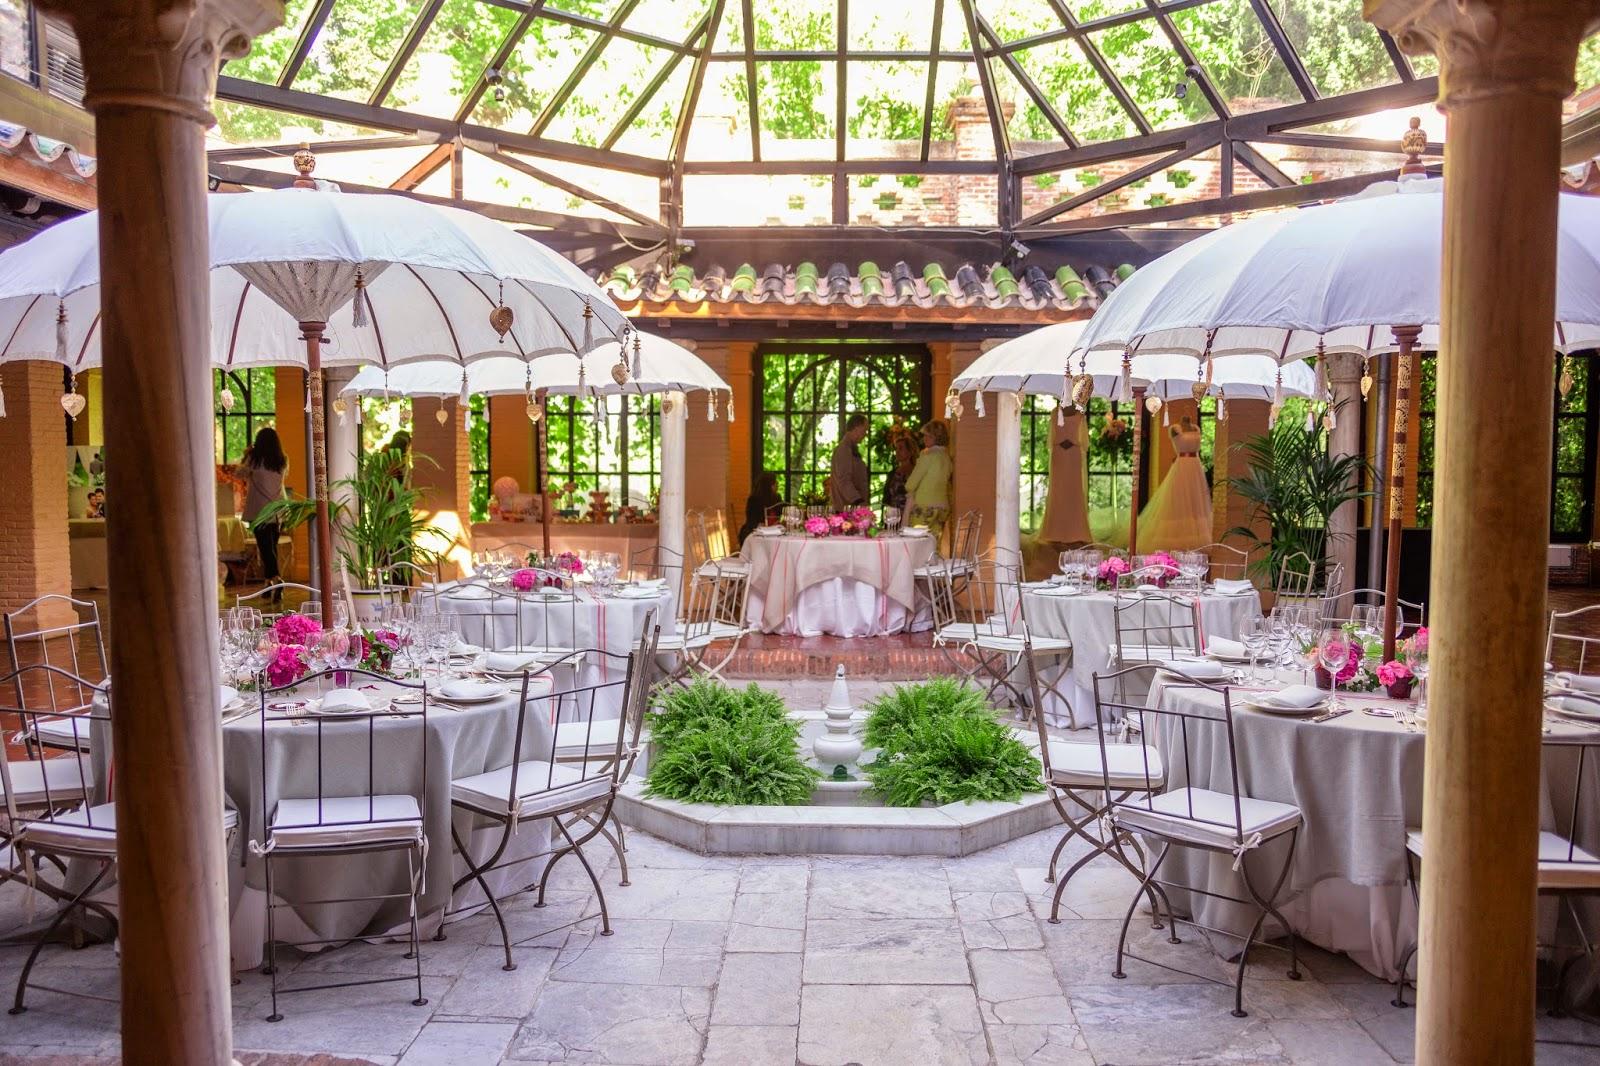 Los 10 lugares m s bonitos para casarse blog navas for Casarse en madrid